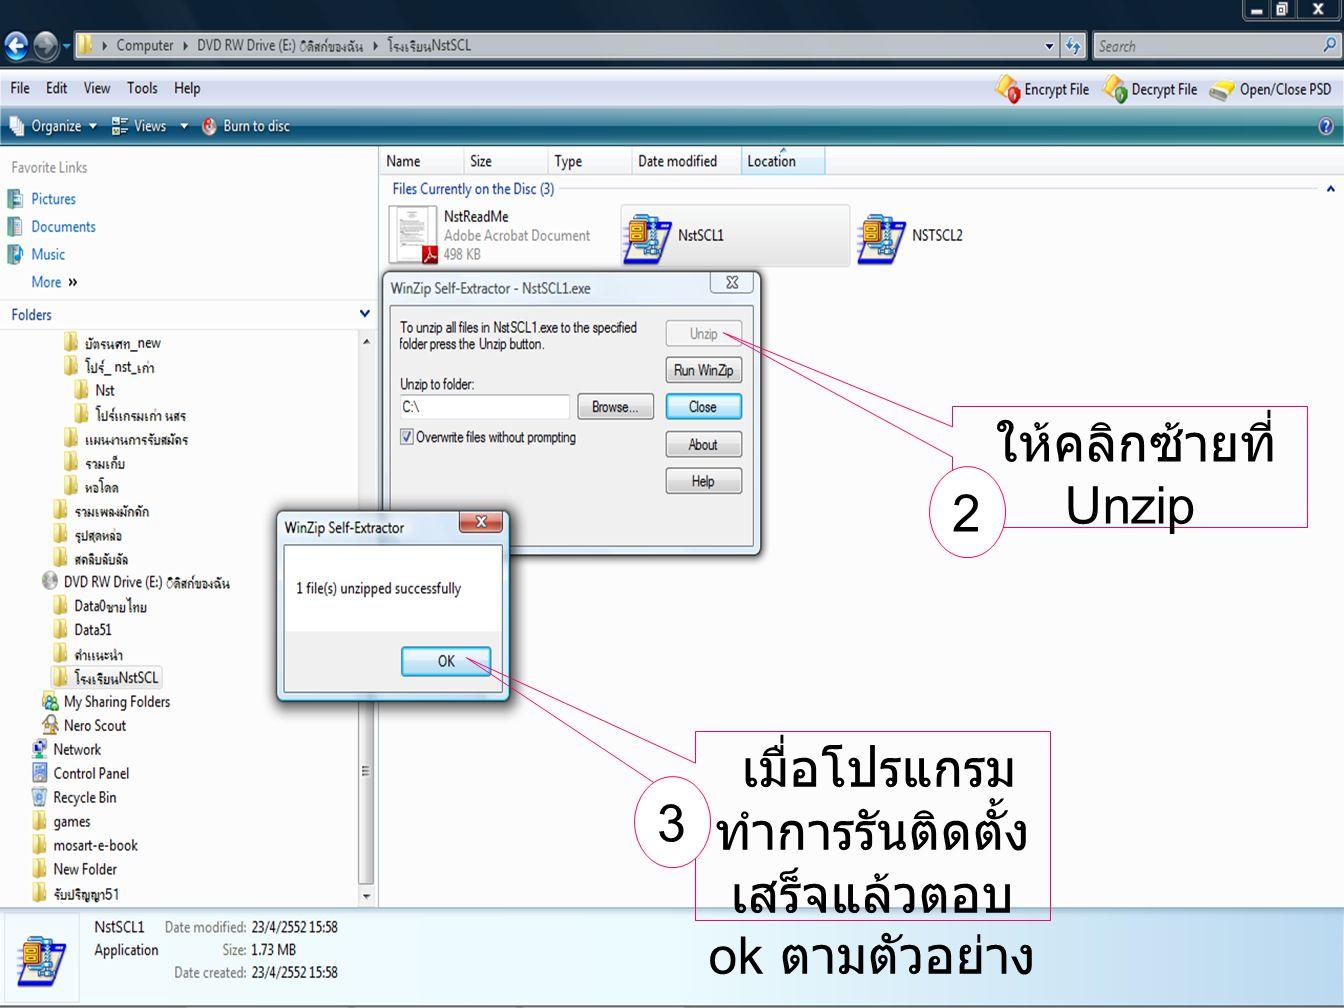 ให้คลิกซ้ายที่ Unzip เมื่อโปรแกรม ทำการรันติดตั้ง เสร็จแล้วตอบ ok ตามตัวอย่าง 2 3